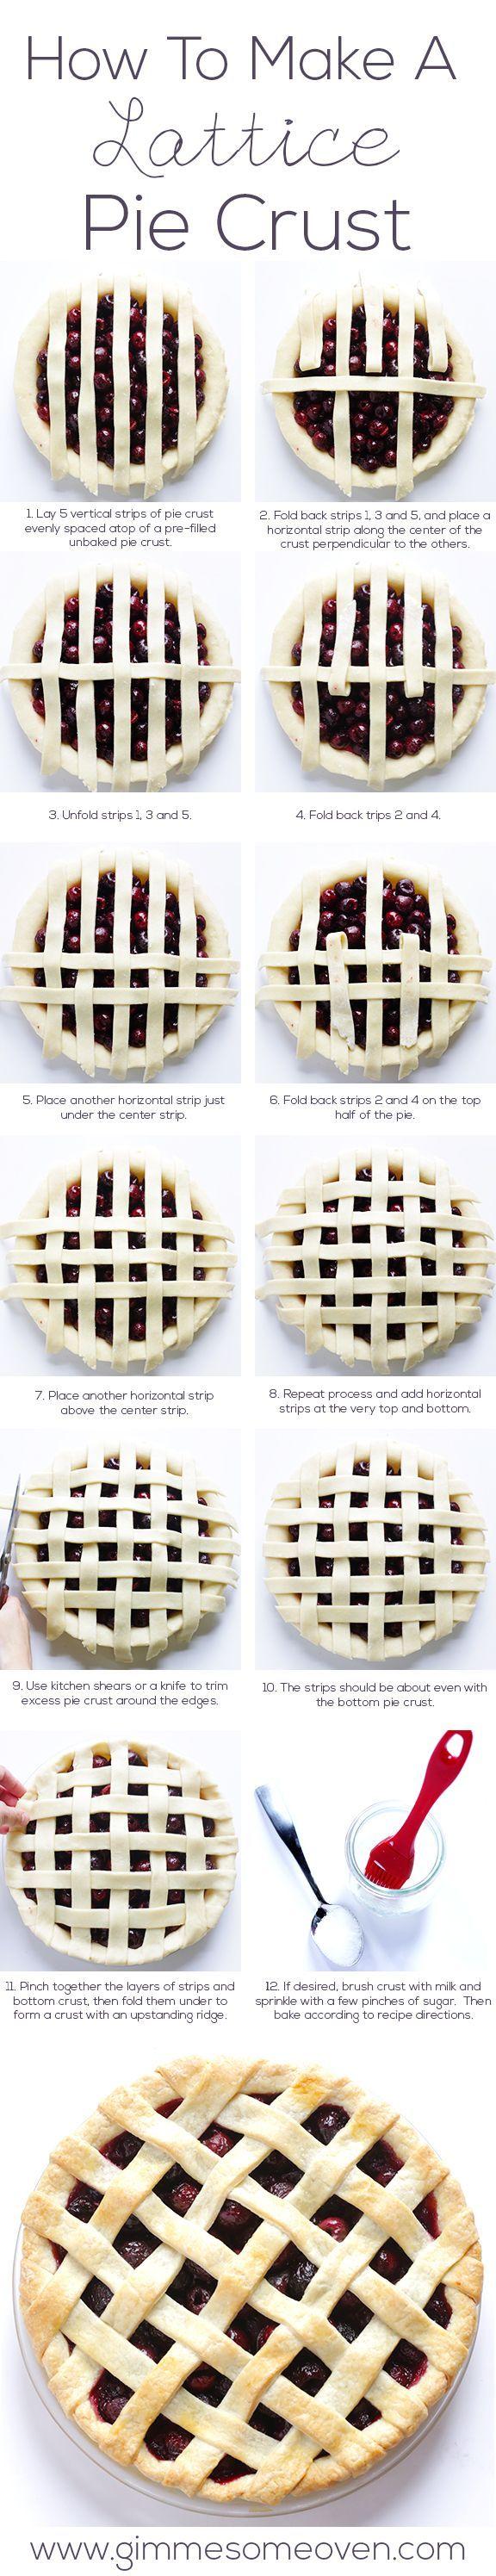 A arte de confeitar: Como fazer uma treliça para torta